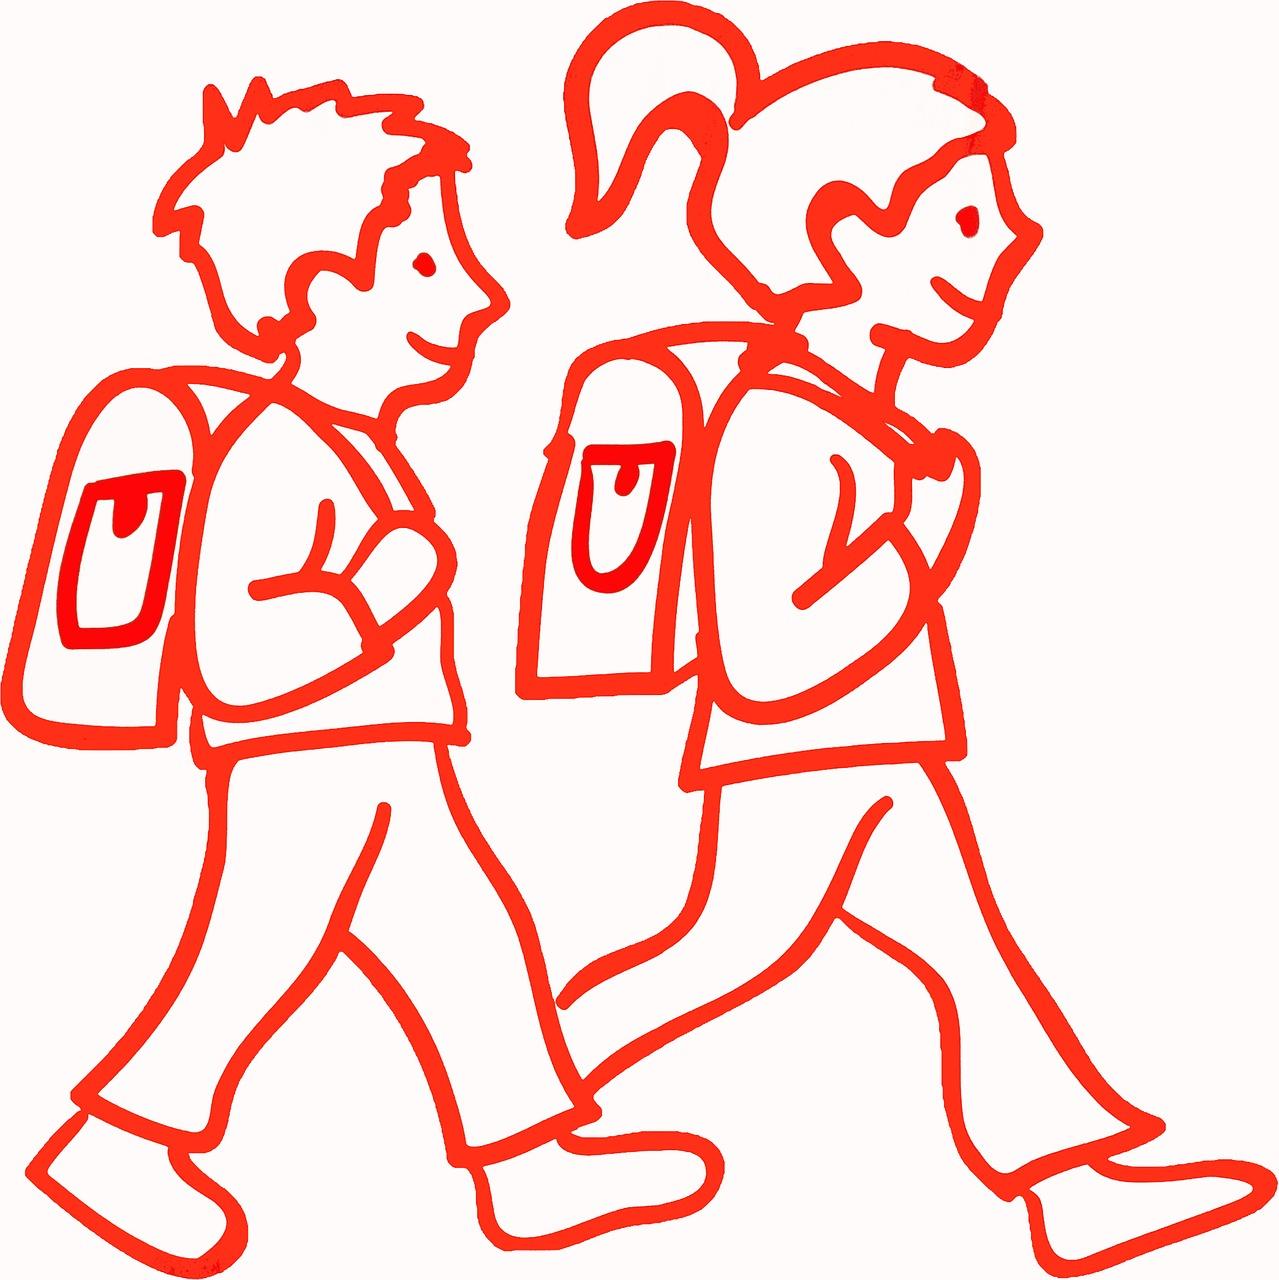 rentrée scolaire - les préparer